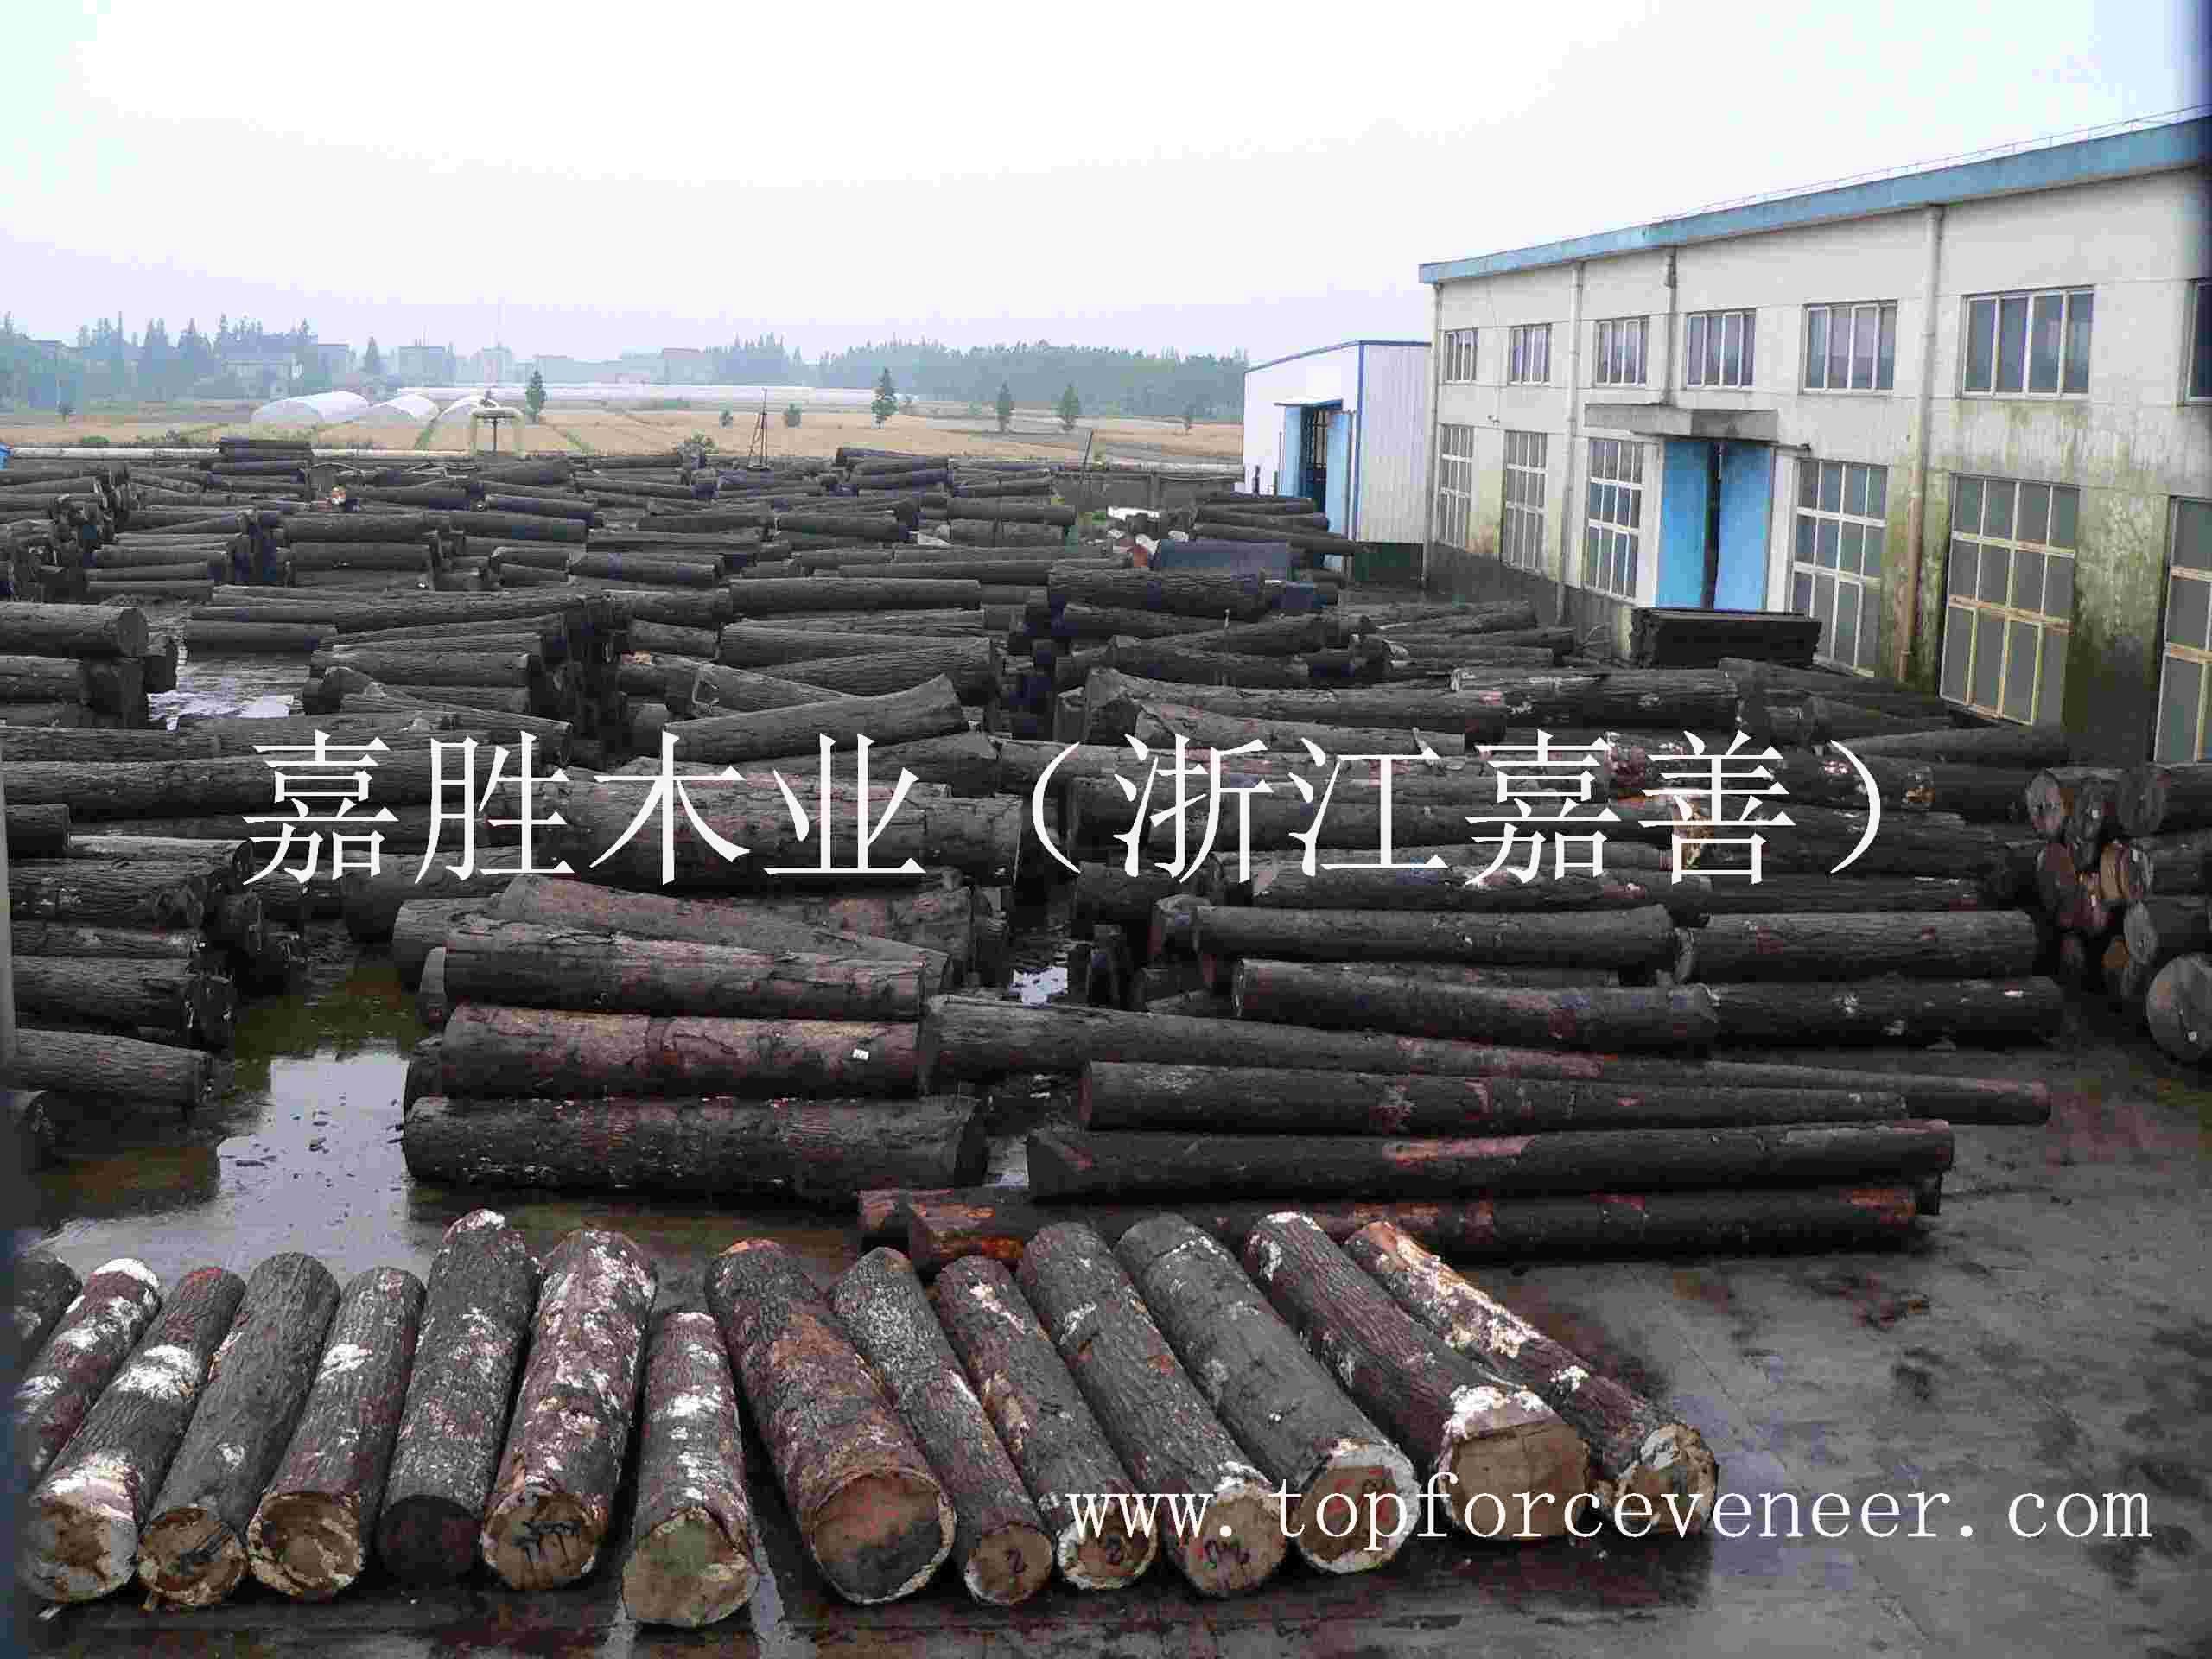 浙江木皮供应厂商 ZheJiang Veneer Producer and Supplier